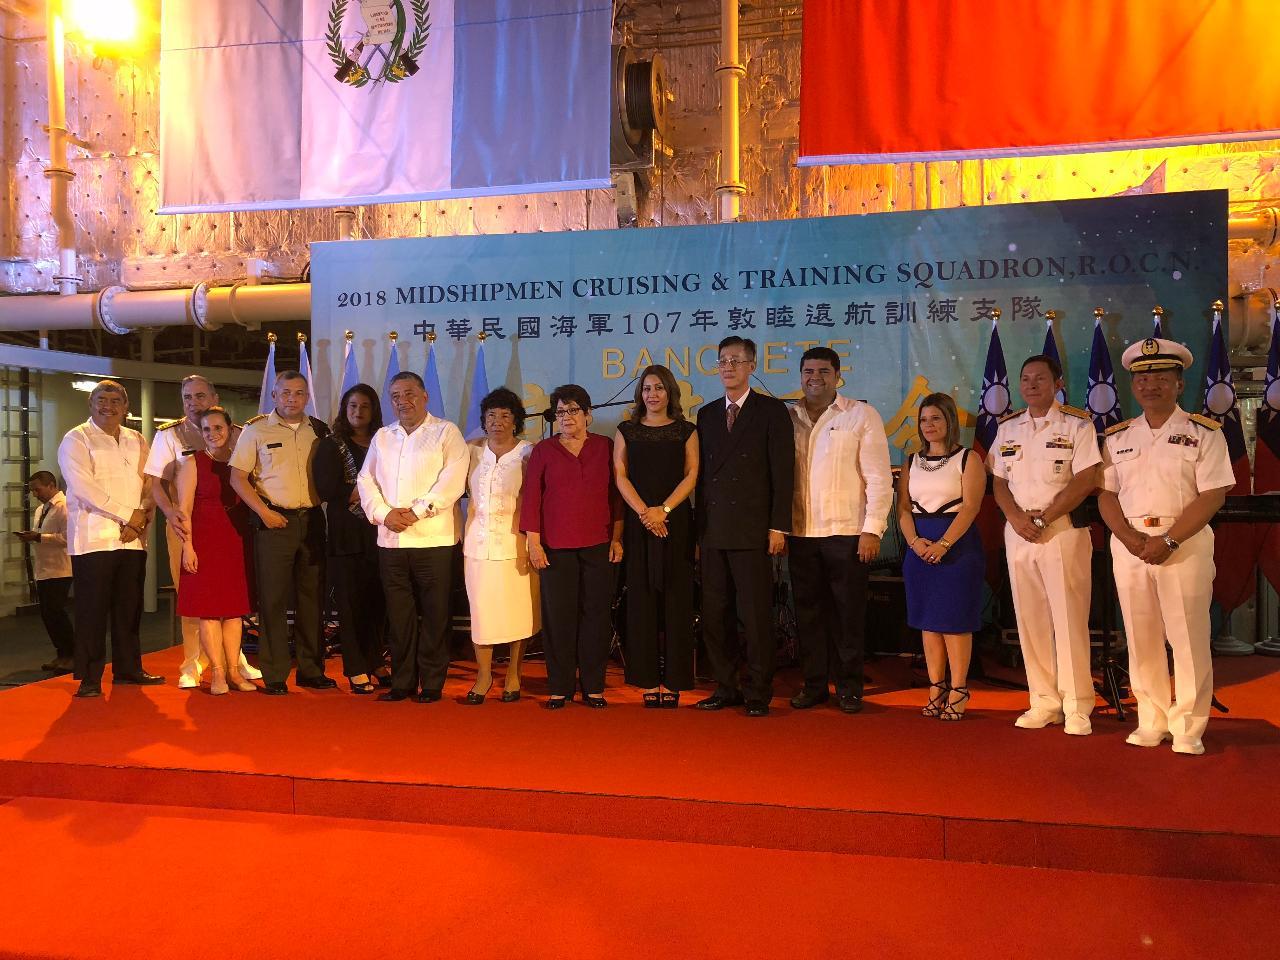 中華民國海軍「107年敦睦遠航訓練支隊」圓滿完成訪瓜行程